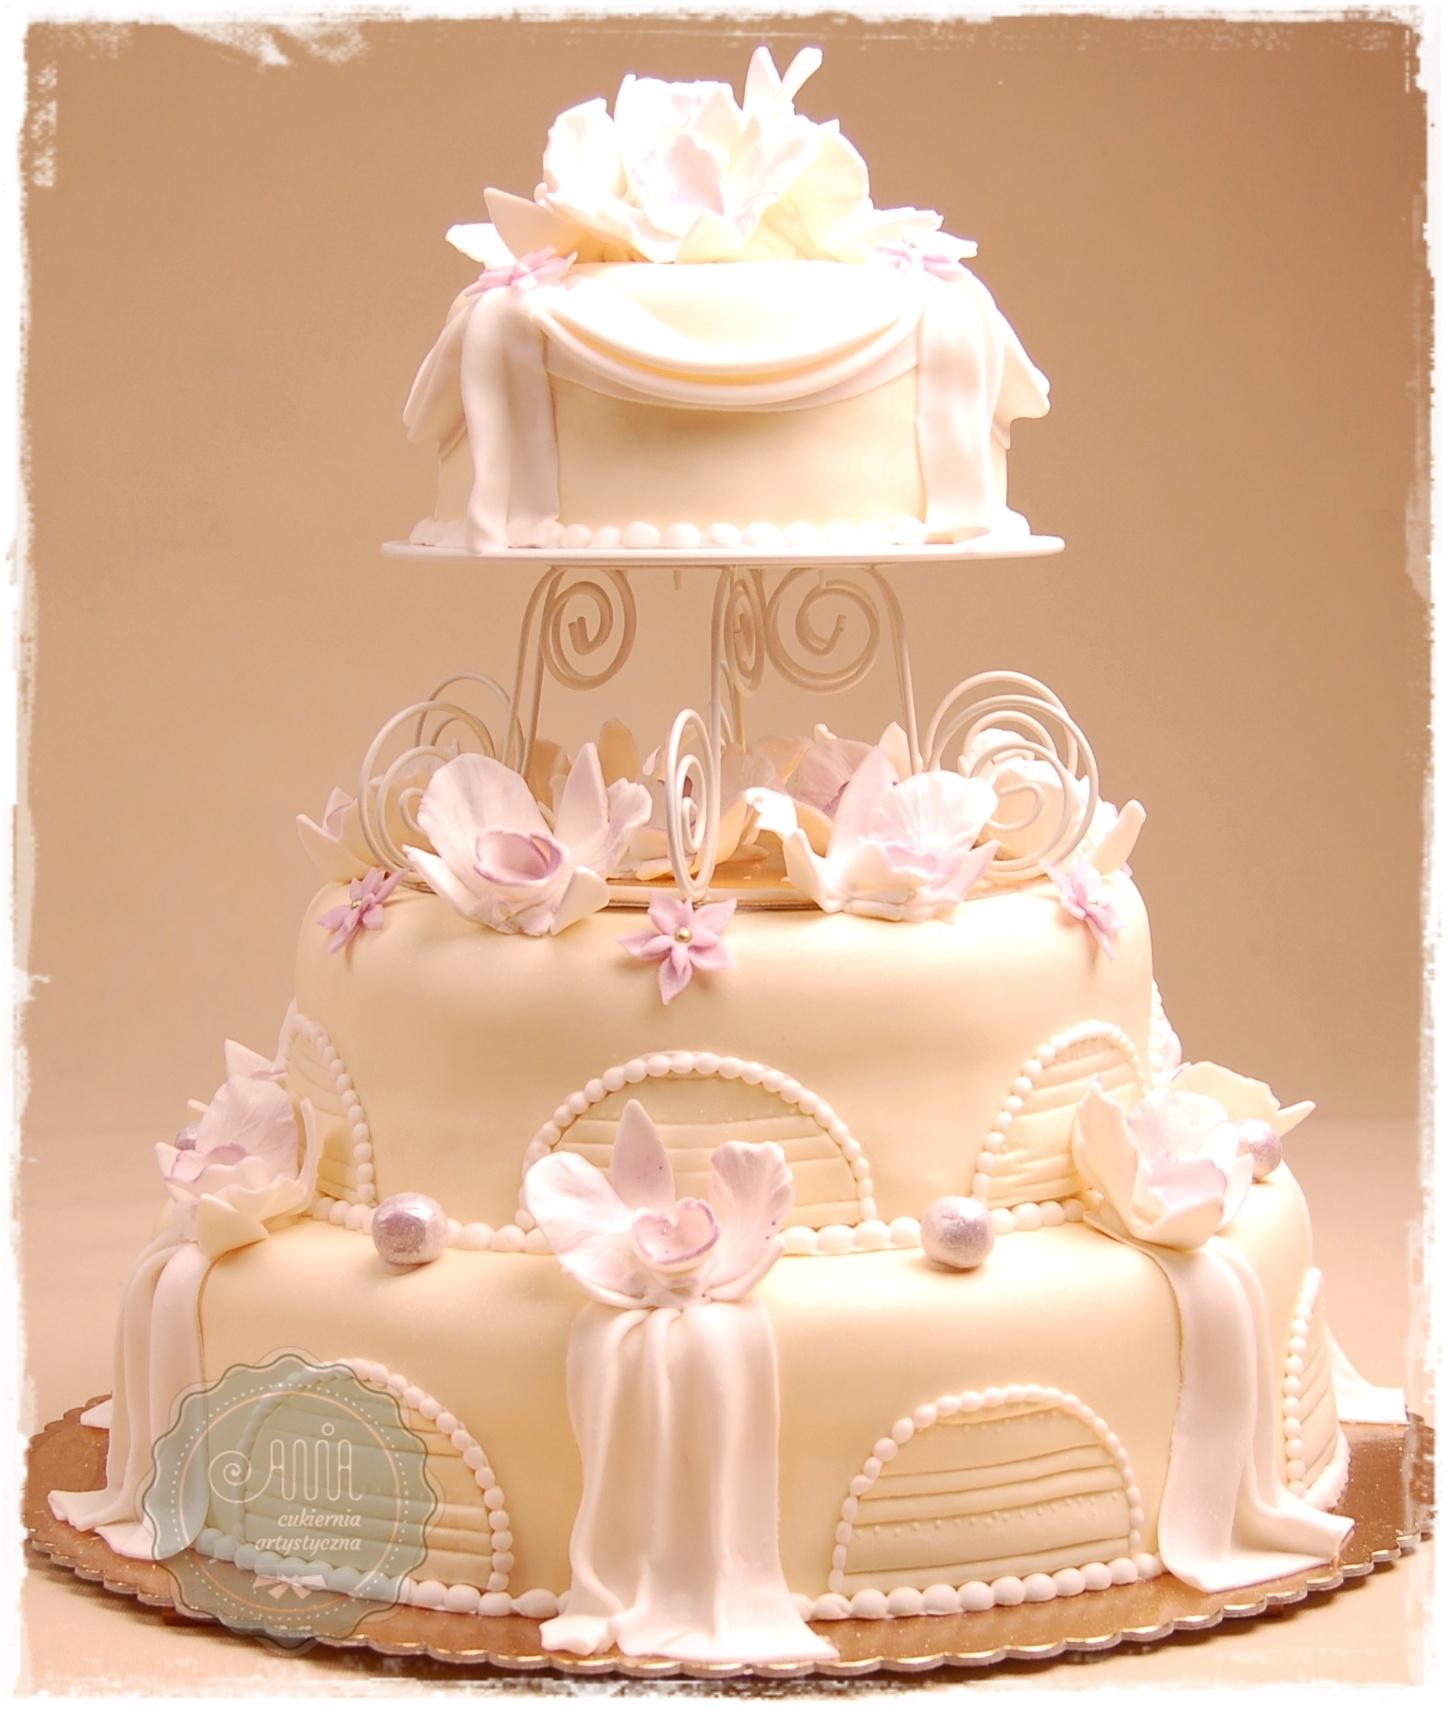 Tort weselny Sedona - zdjęcie 1